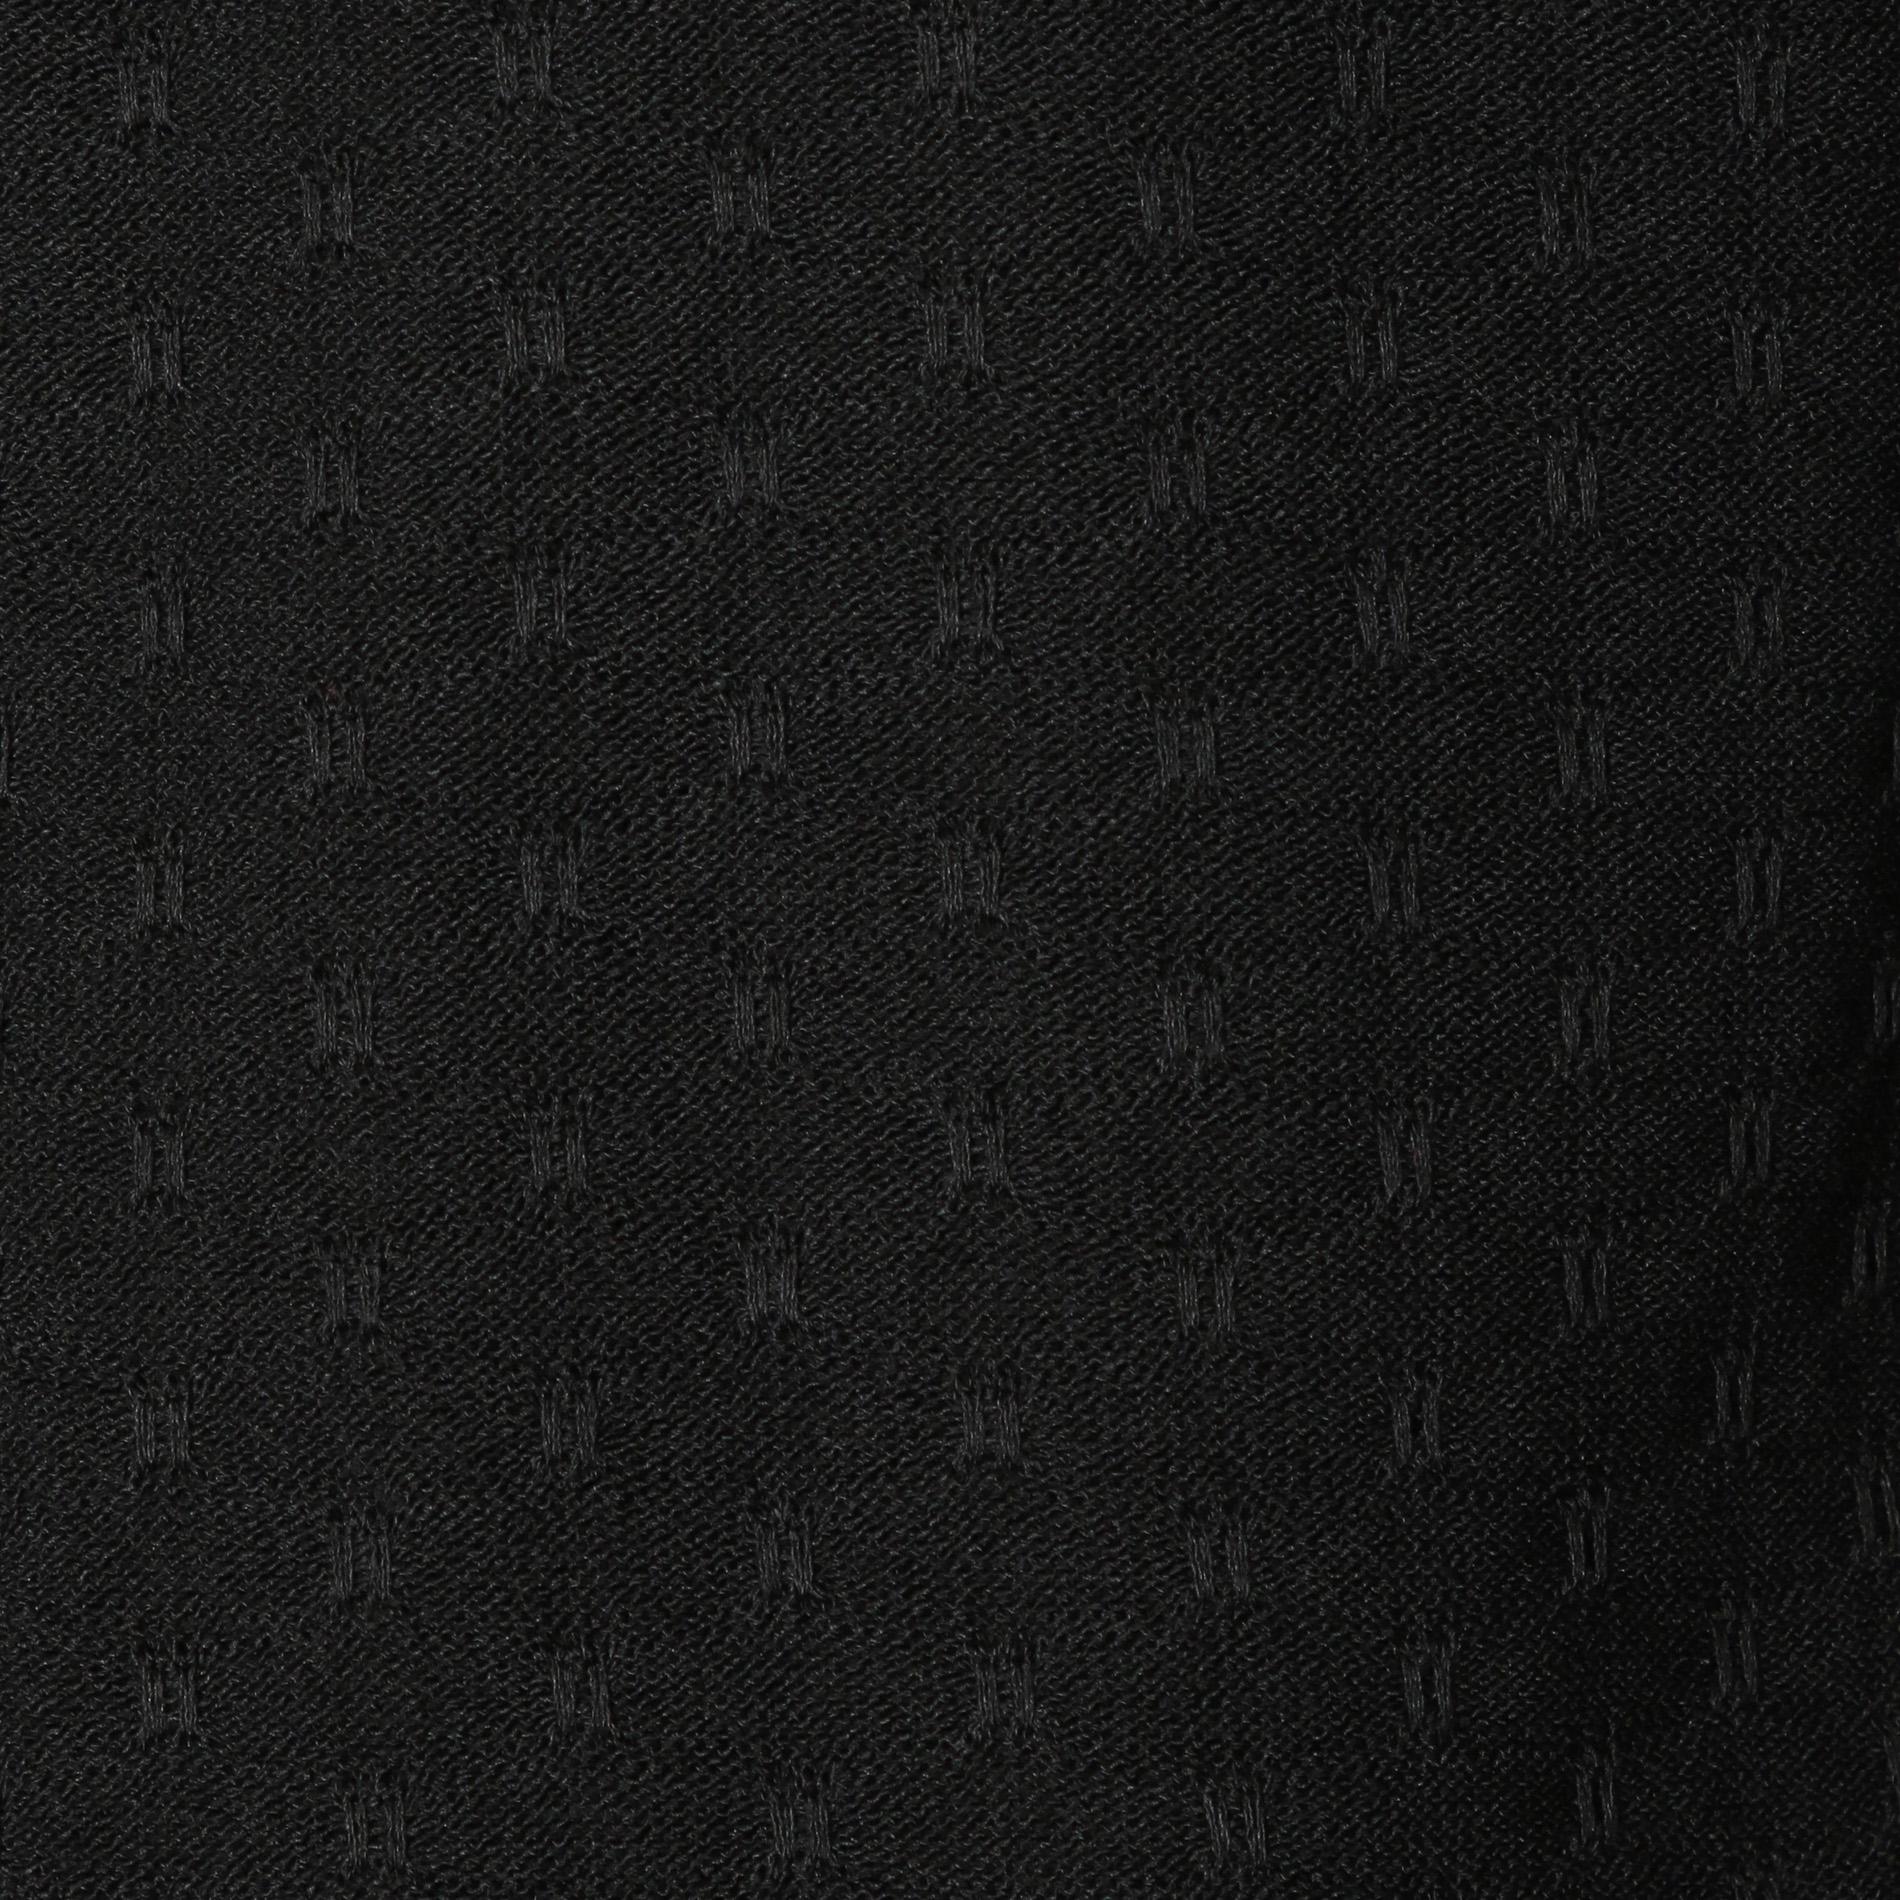 12ゲージミニクレスト柄ニットポロ